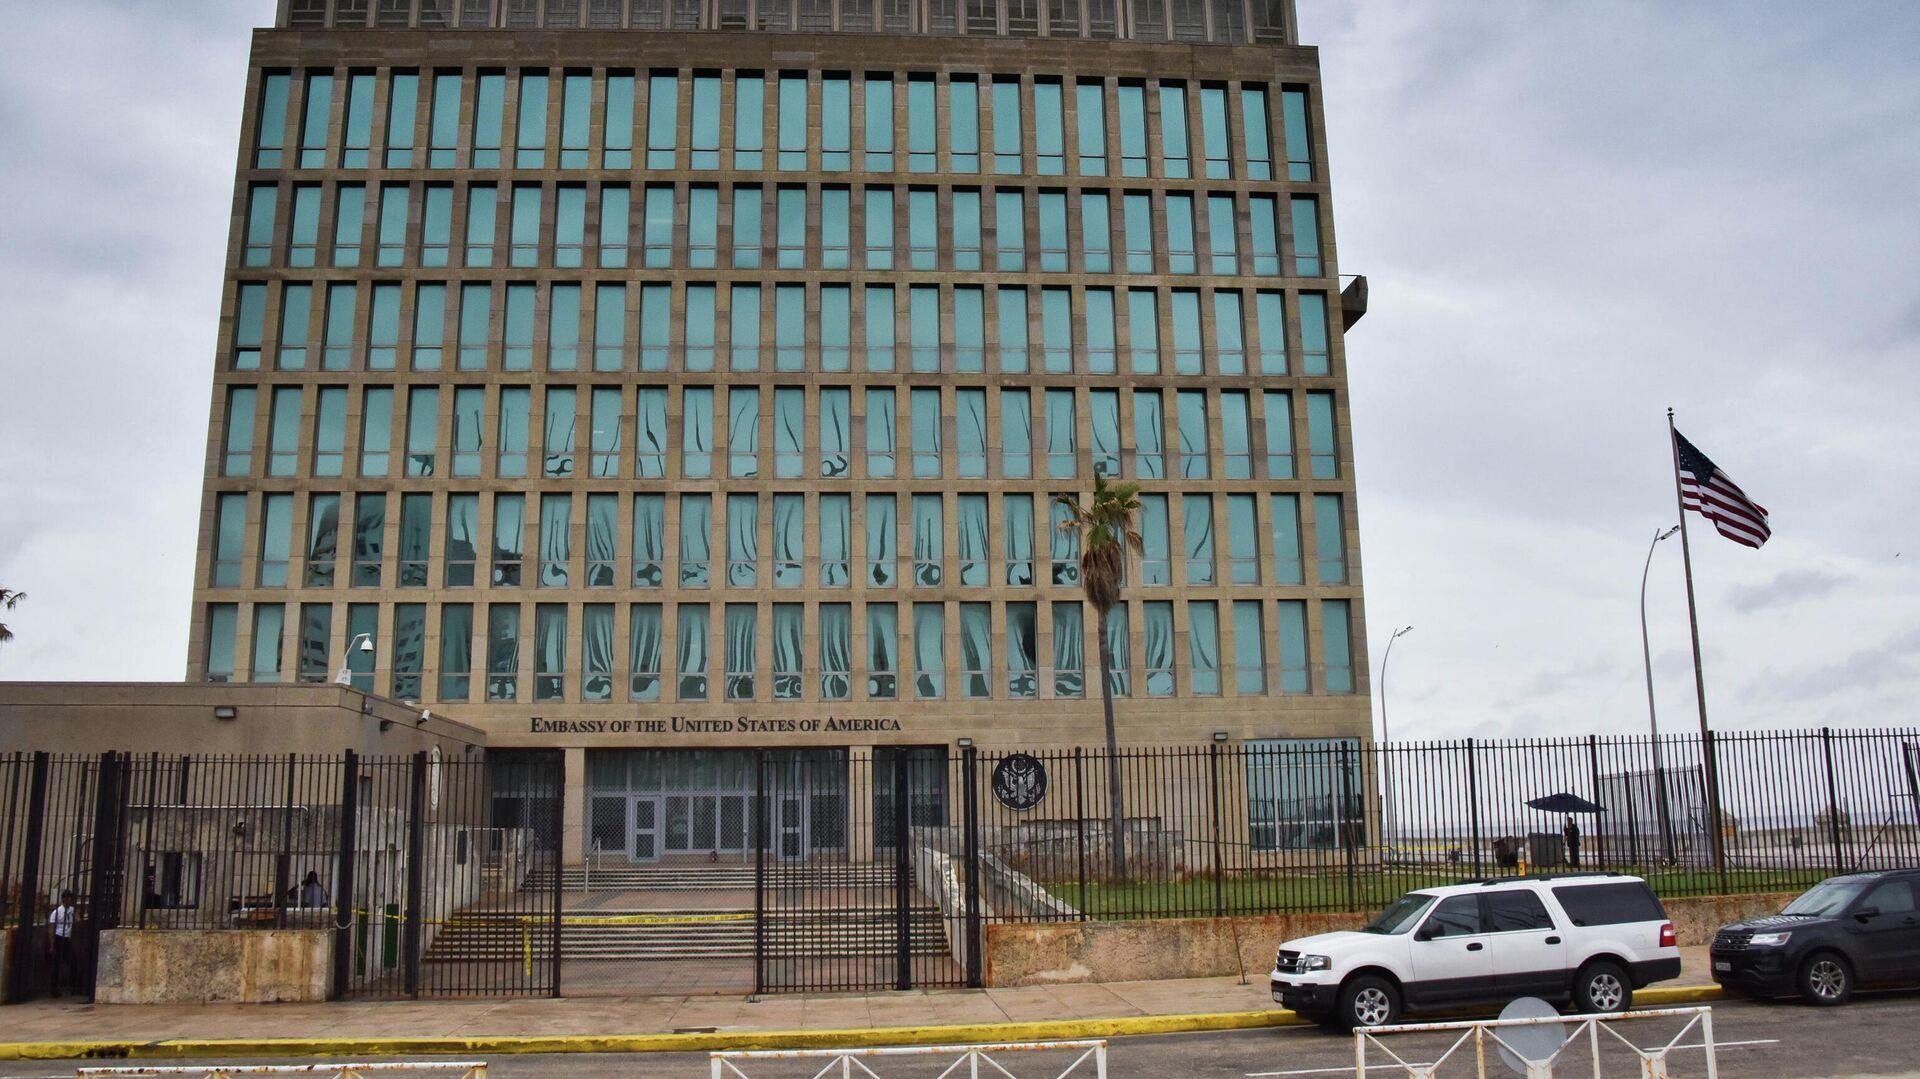 Посольство США в Гаване 29 сентября 2017 года после того, как Соединенные Штаты объявили о выводе более половины своего персонала из-за ухудшения самочувствия некоторых его сотрудников - РИА Новости, 1920, 23.07.2021